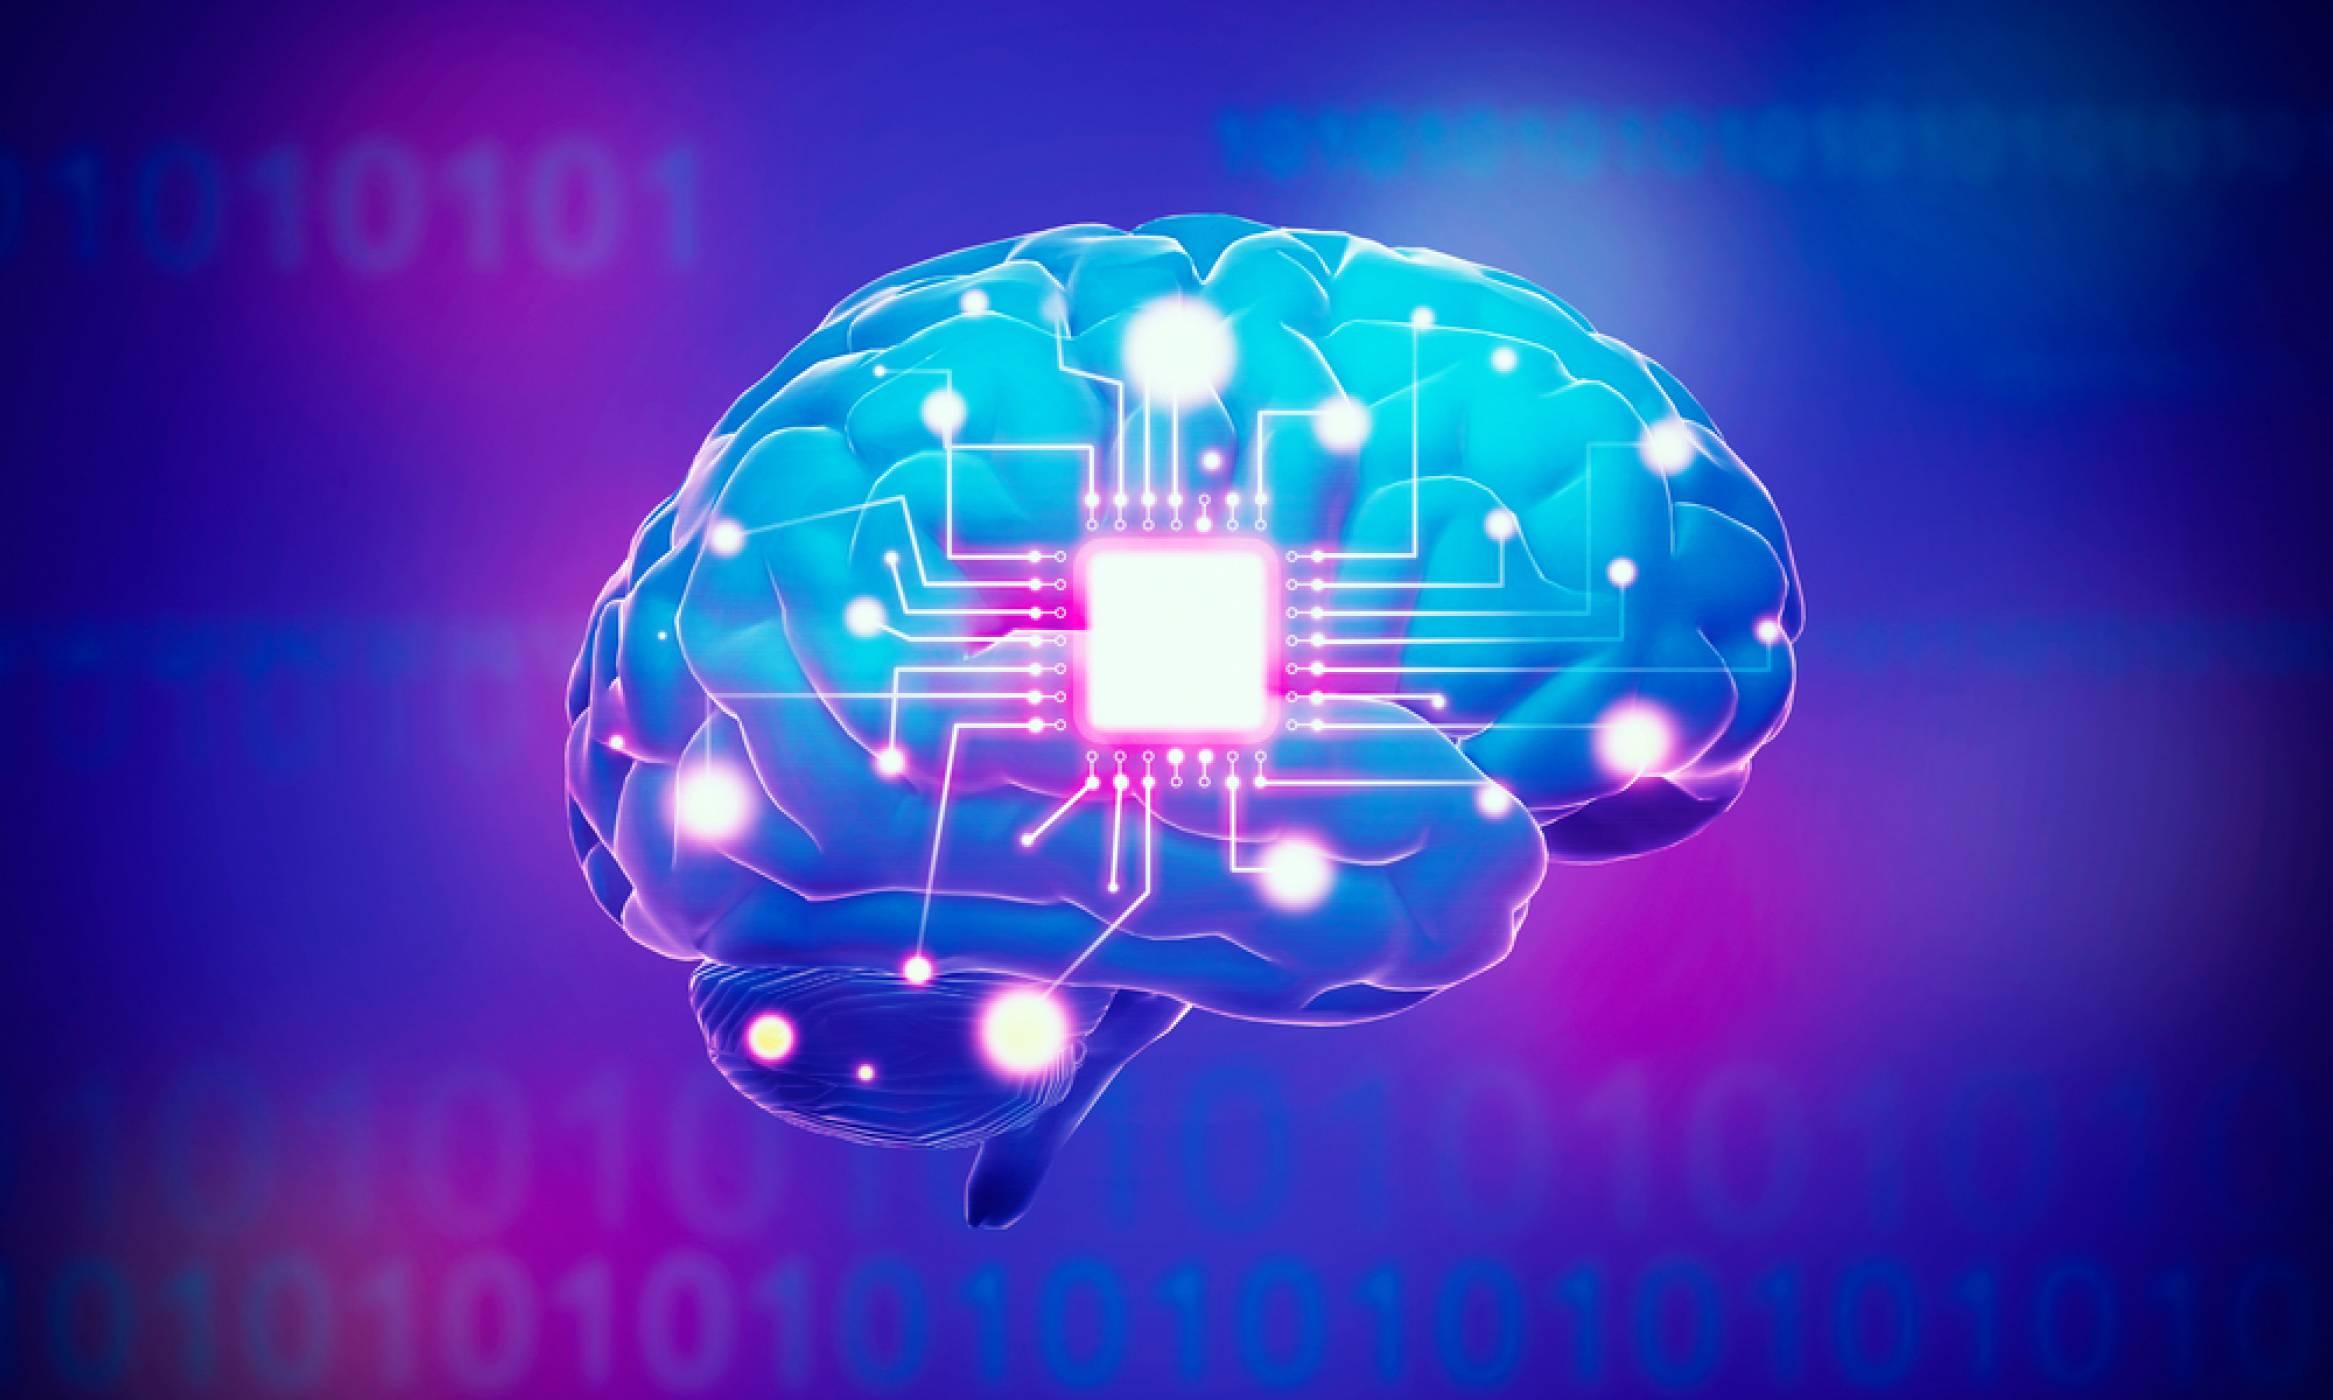 Нов материал може да позволи сливане на изкуствения интелект с човешкия мозък